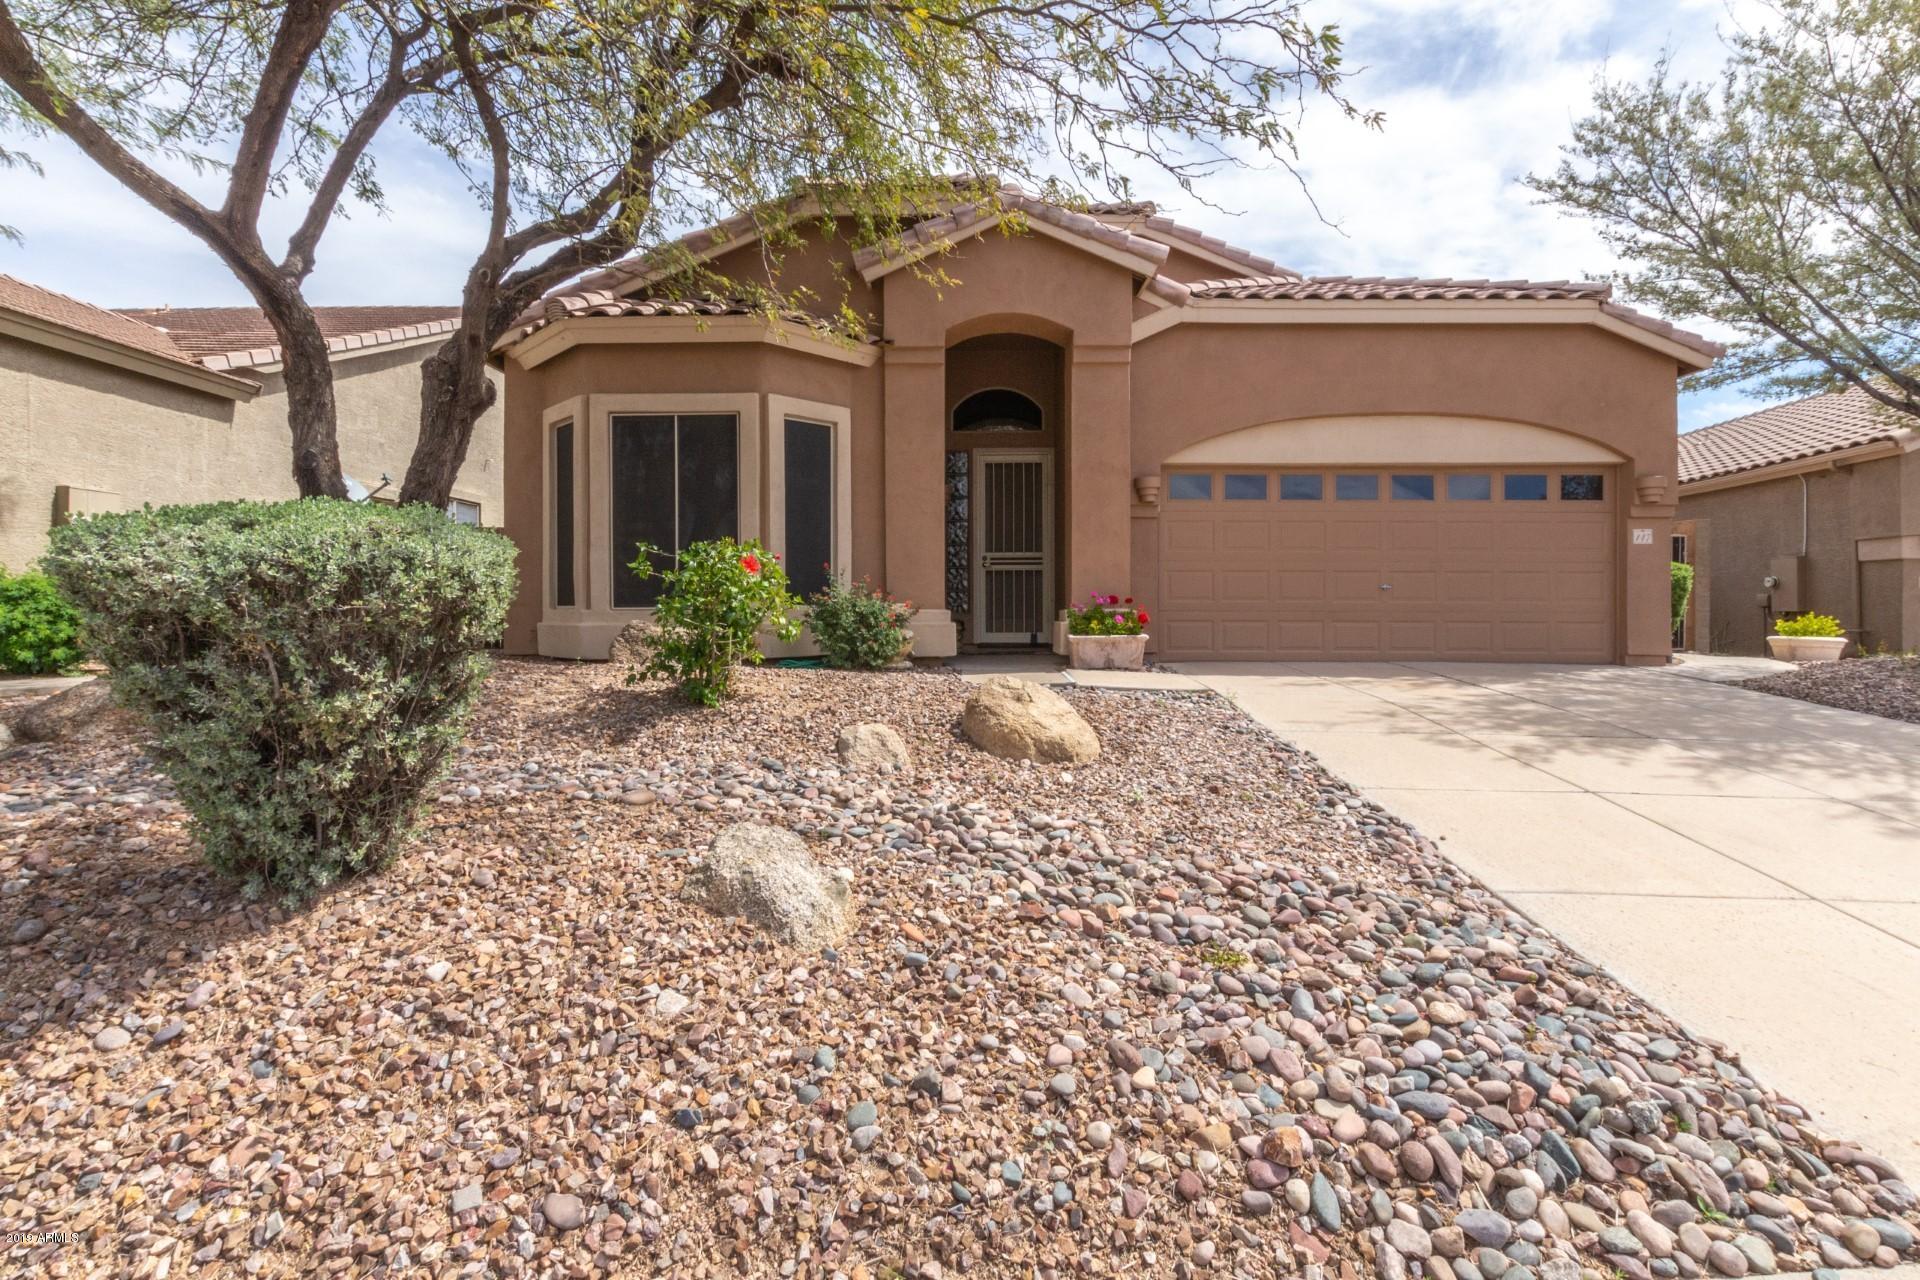 Photo of 3055 N RED MOUNTAIN -- #147, Mesa, AZ 85207